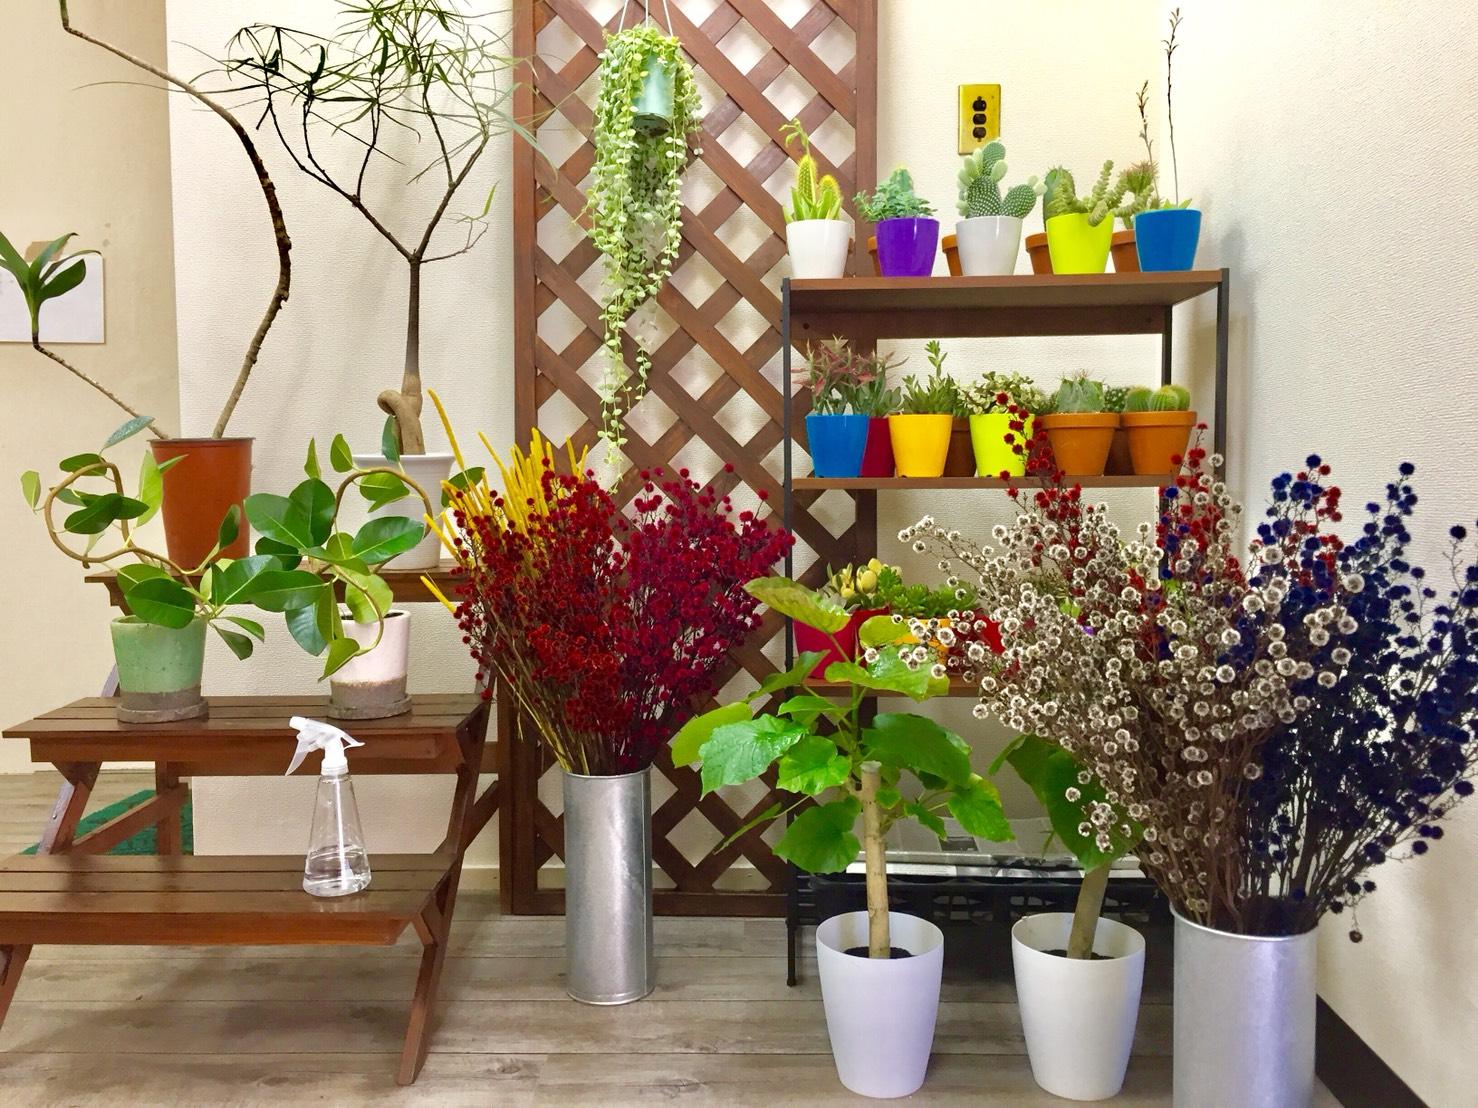 生活を彩る植物たちがGreenに